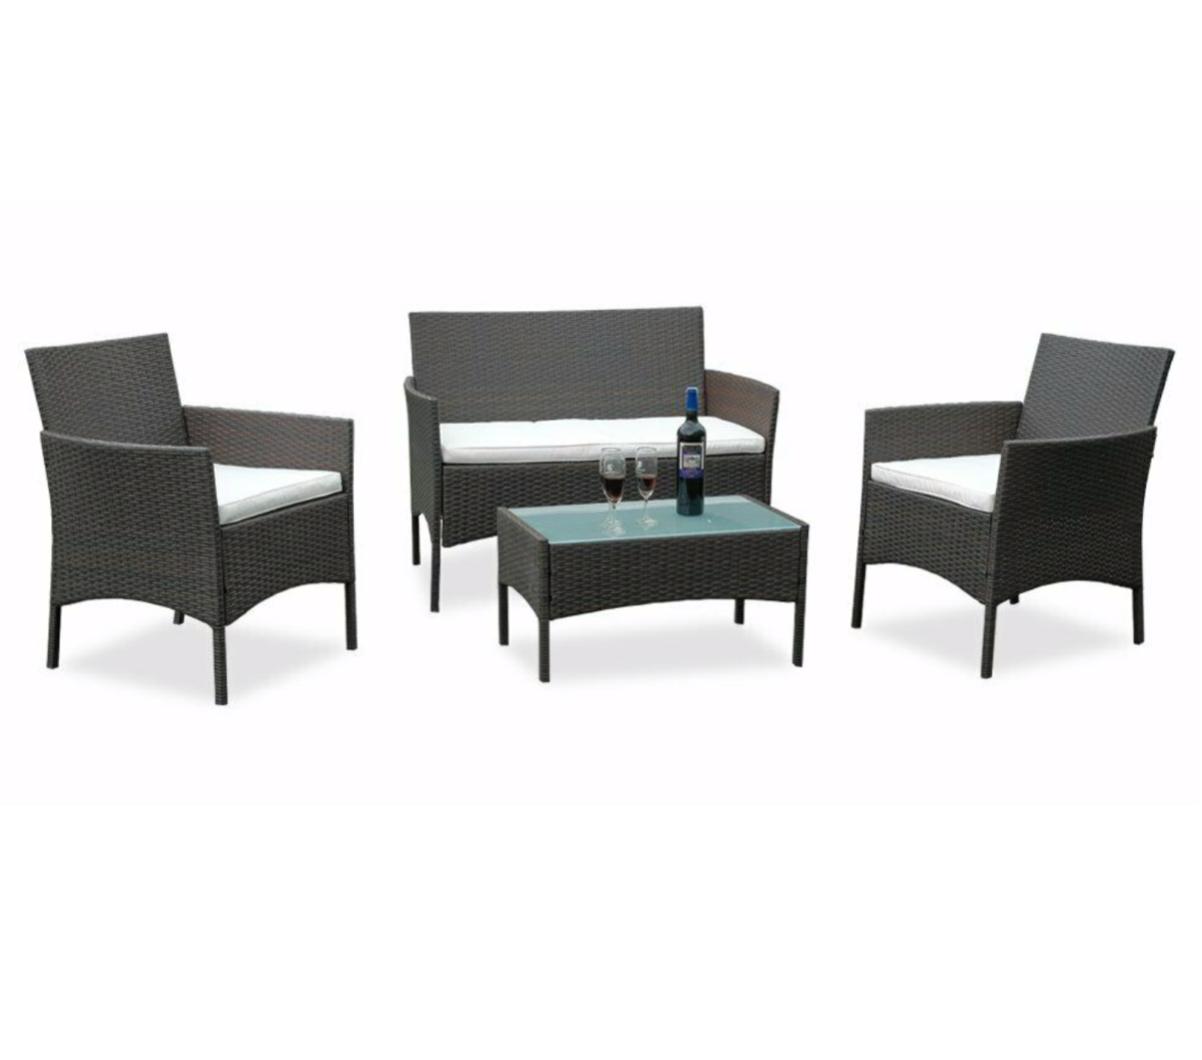 AVOXY Sitzgruppe Gartenmöbel Set Premium Lounge Sofa Tisch mit Auflagen Günstig